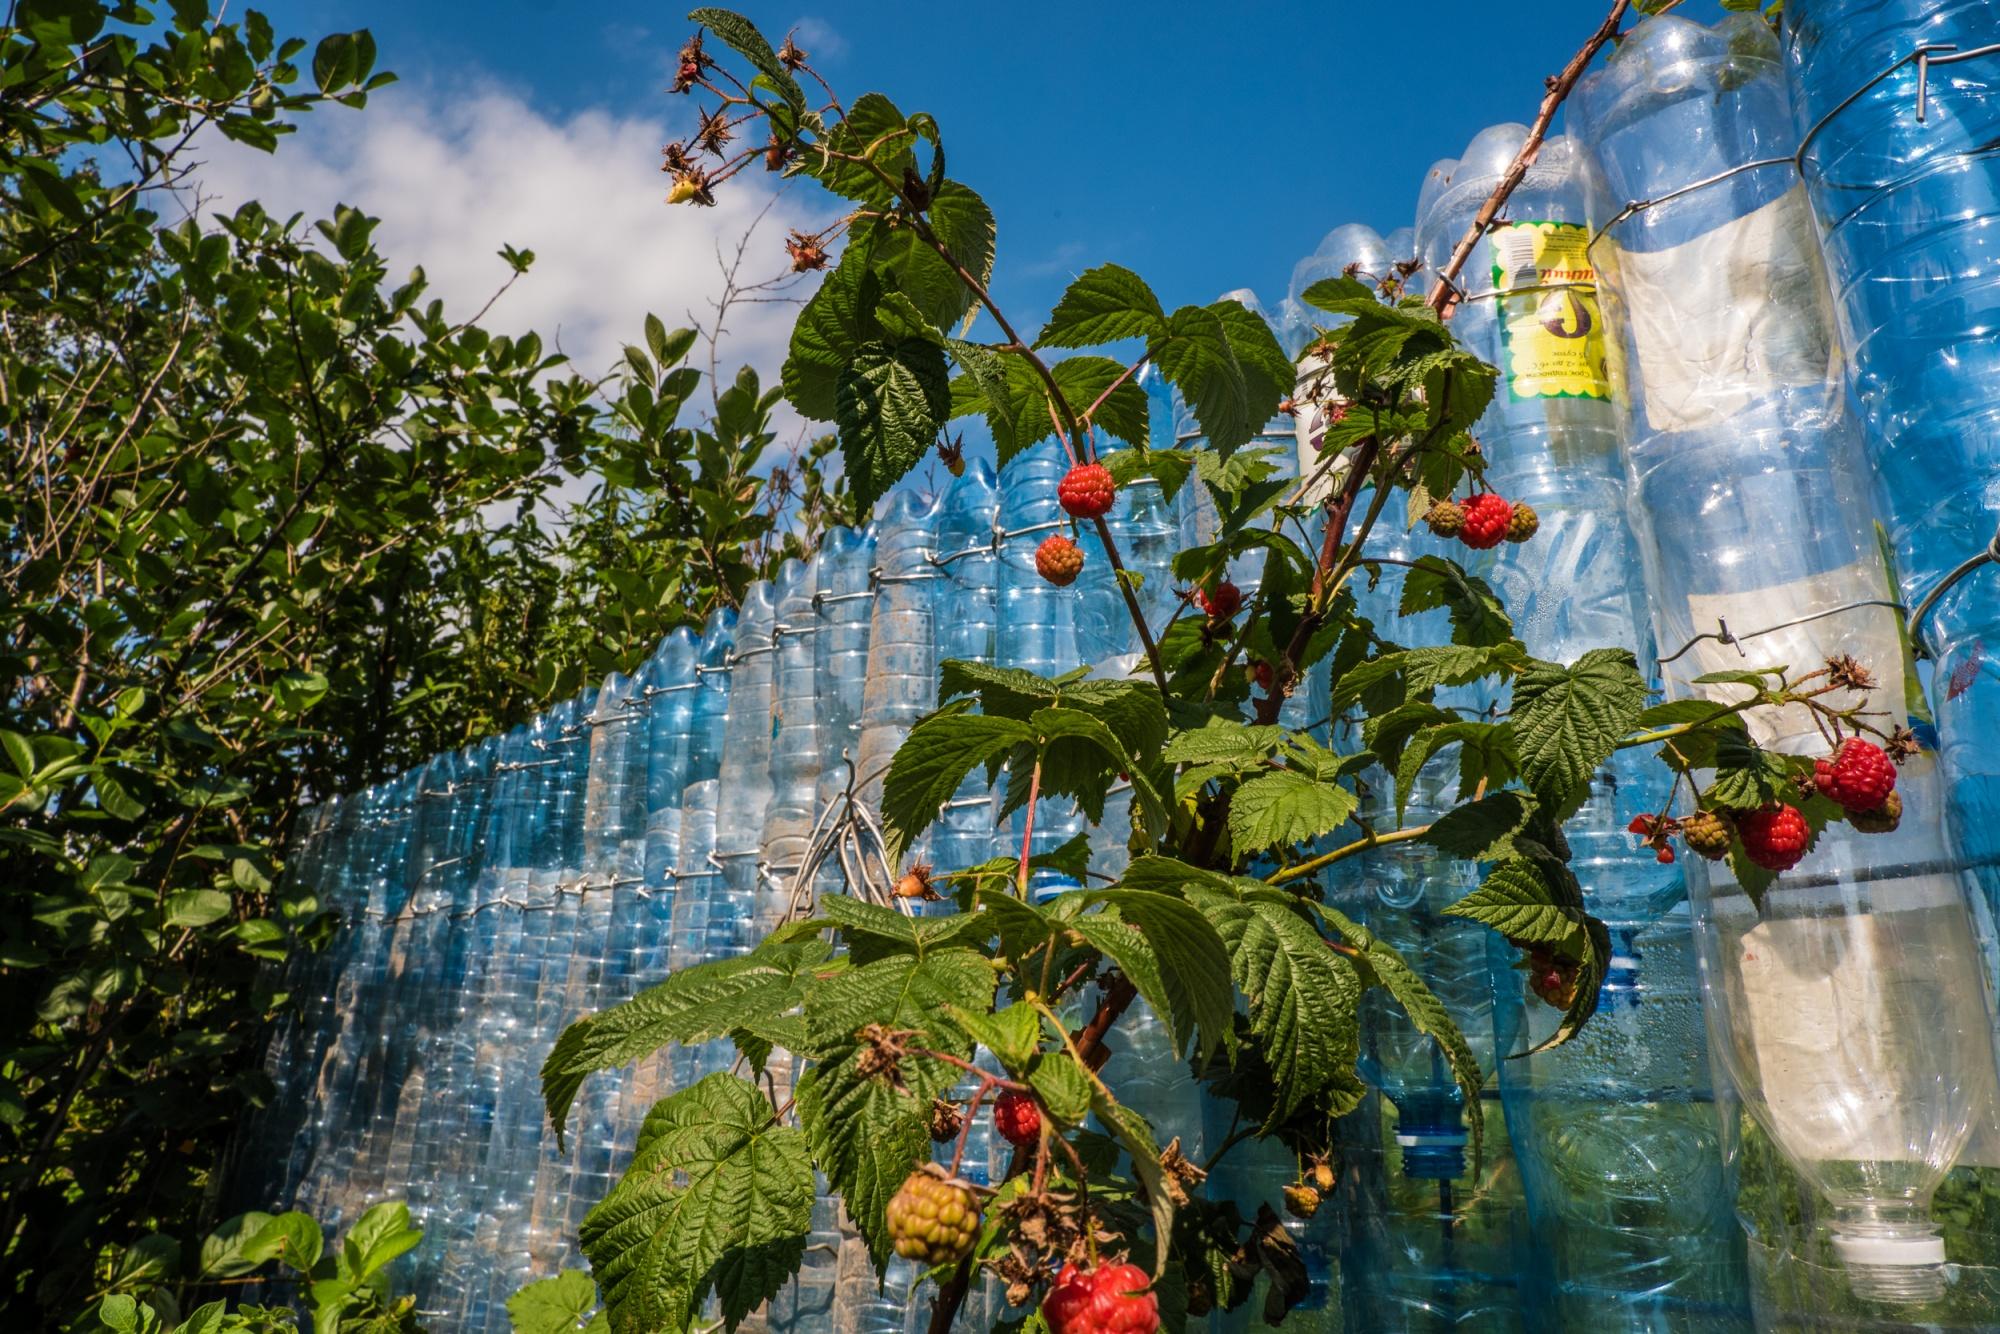 Король полторашек: новосибирец построил стену из пластиковых бутылок из-под «Карачинской»